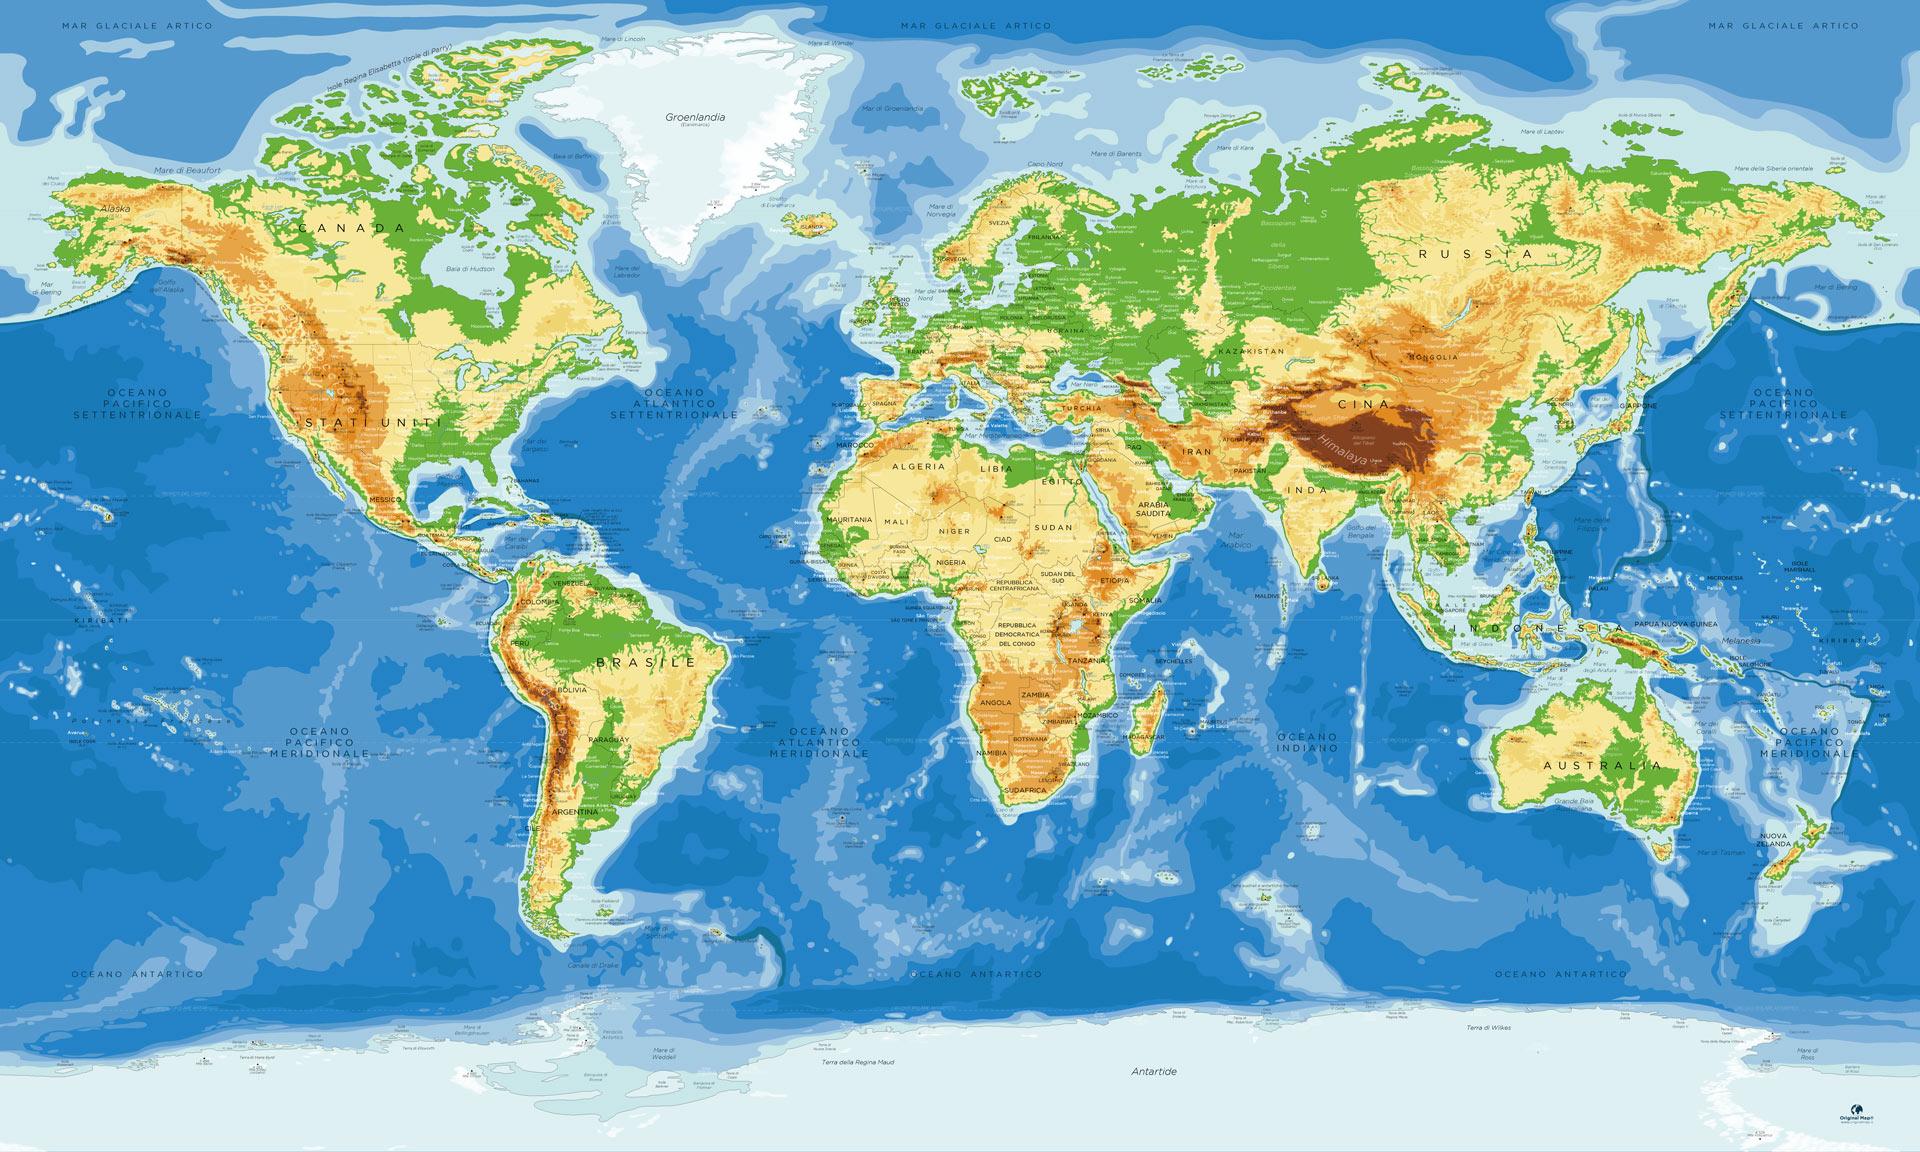 Cartina Mondo Immagini.Mappa Del Mondo Completa Scolastica Mappa Con L Antartide